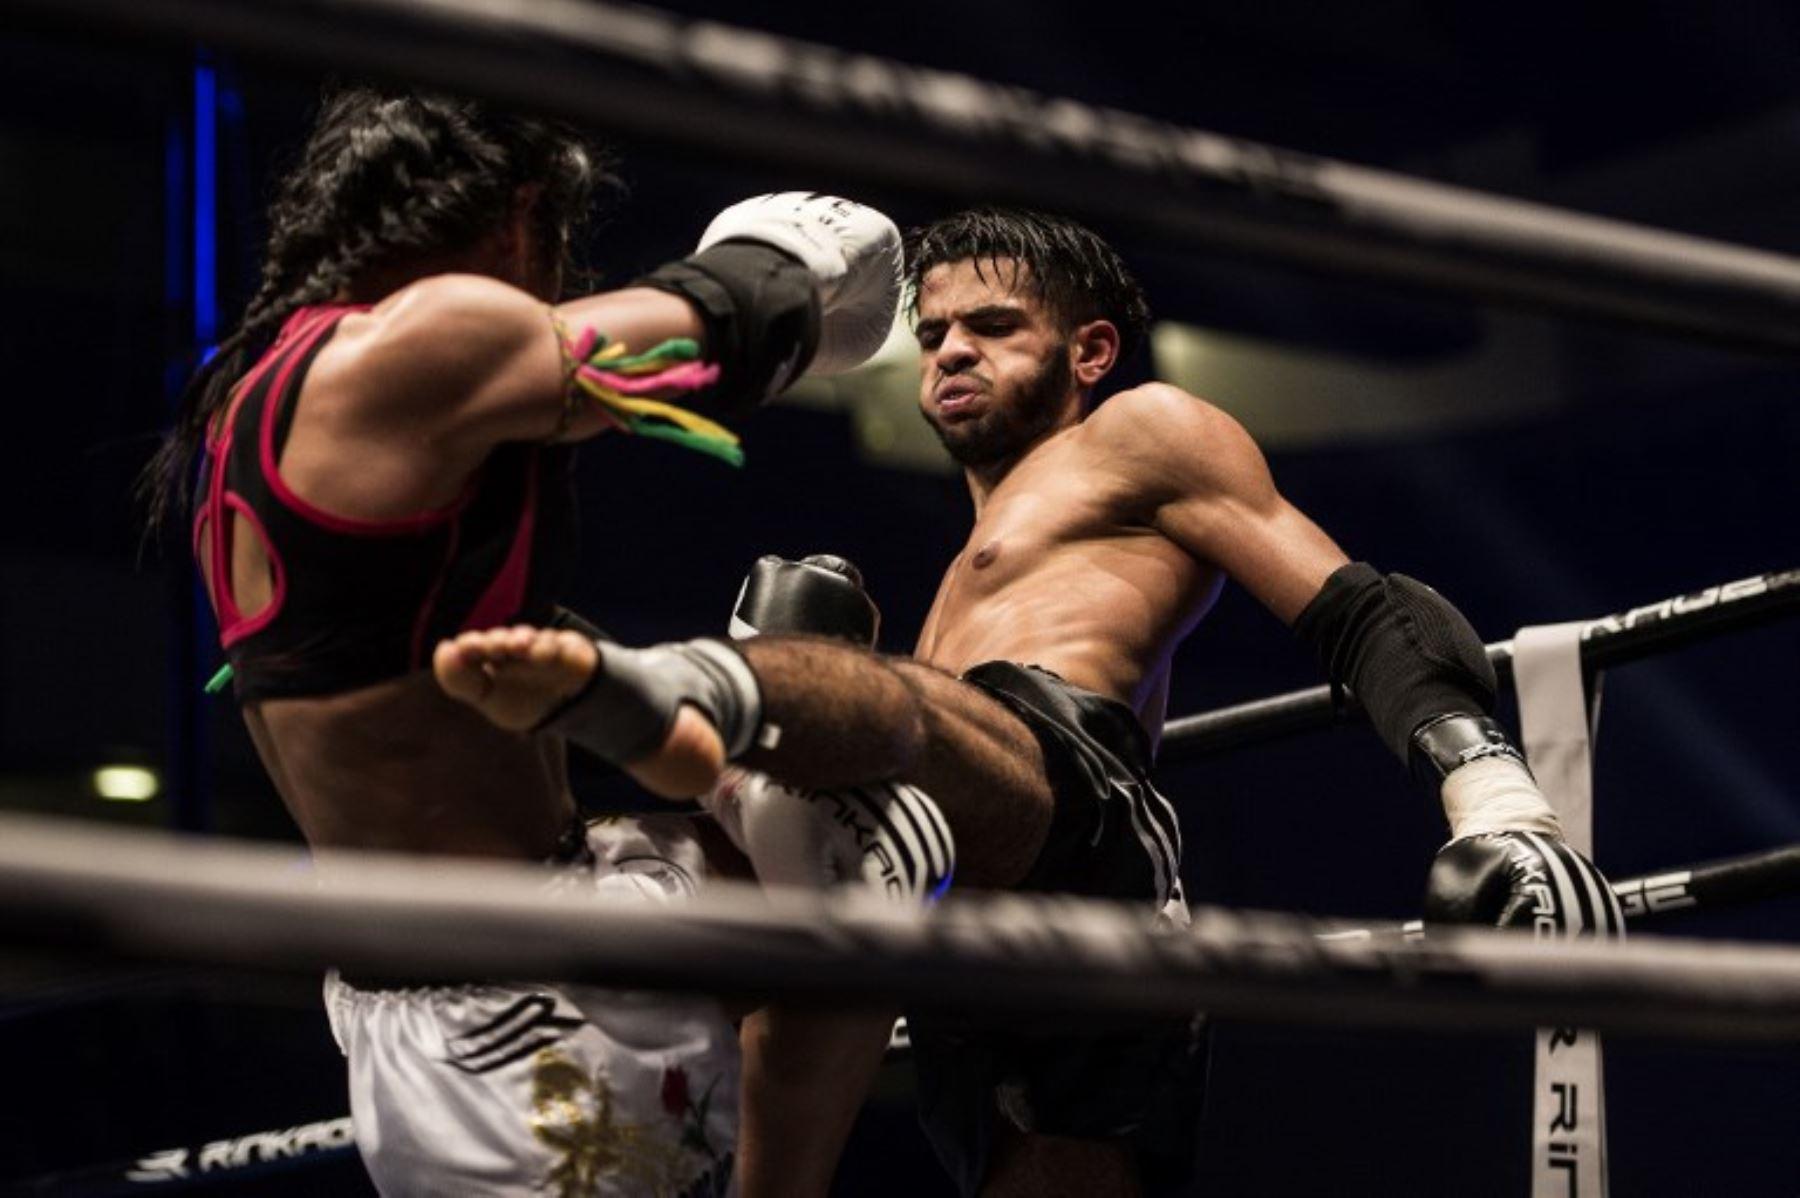 El muaythai se convierte en deporte olímpico y el Perú lo celebra